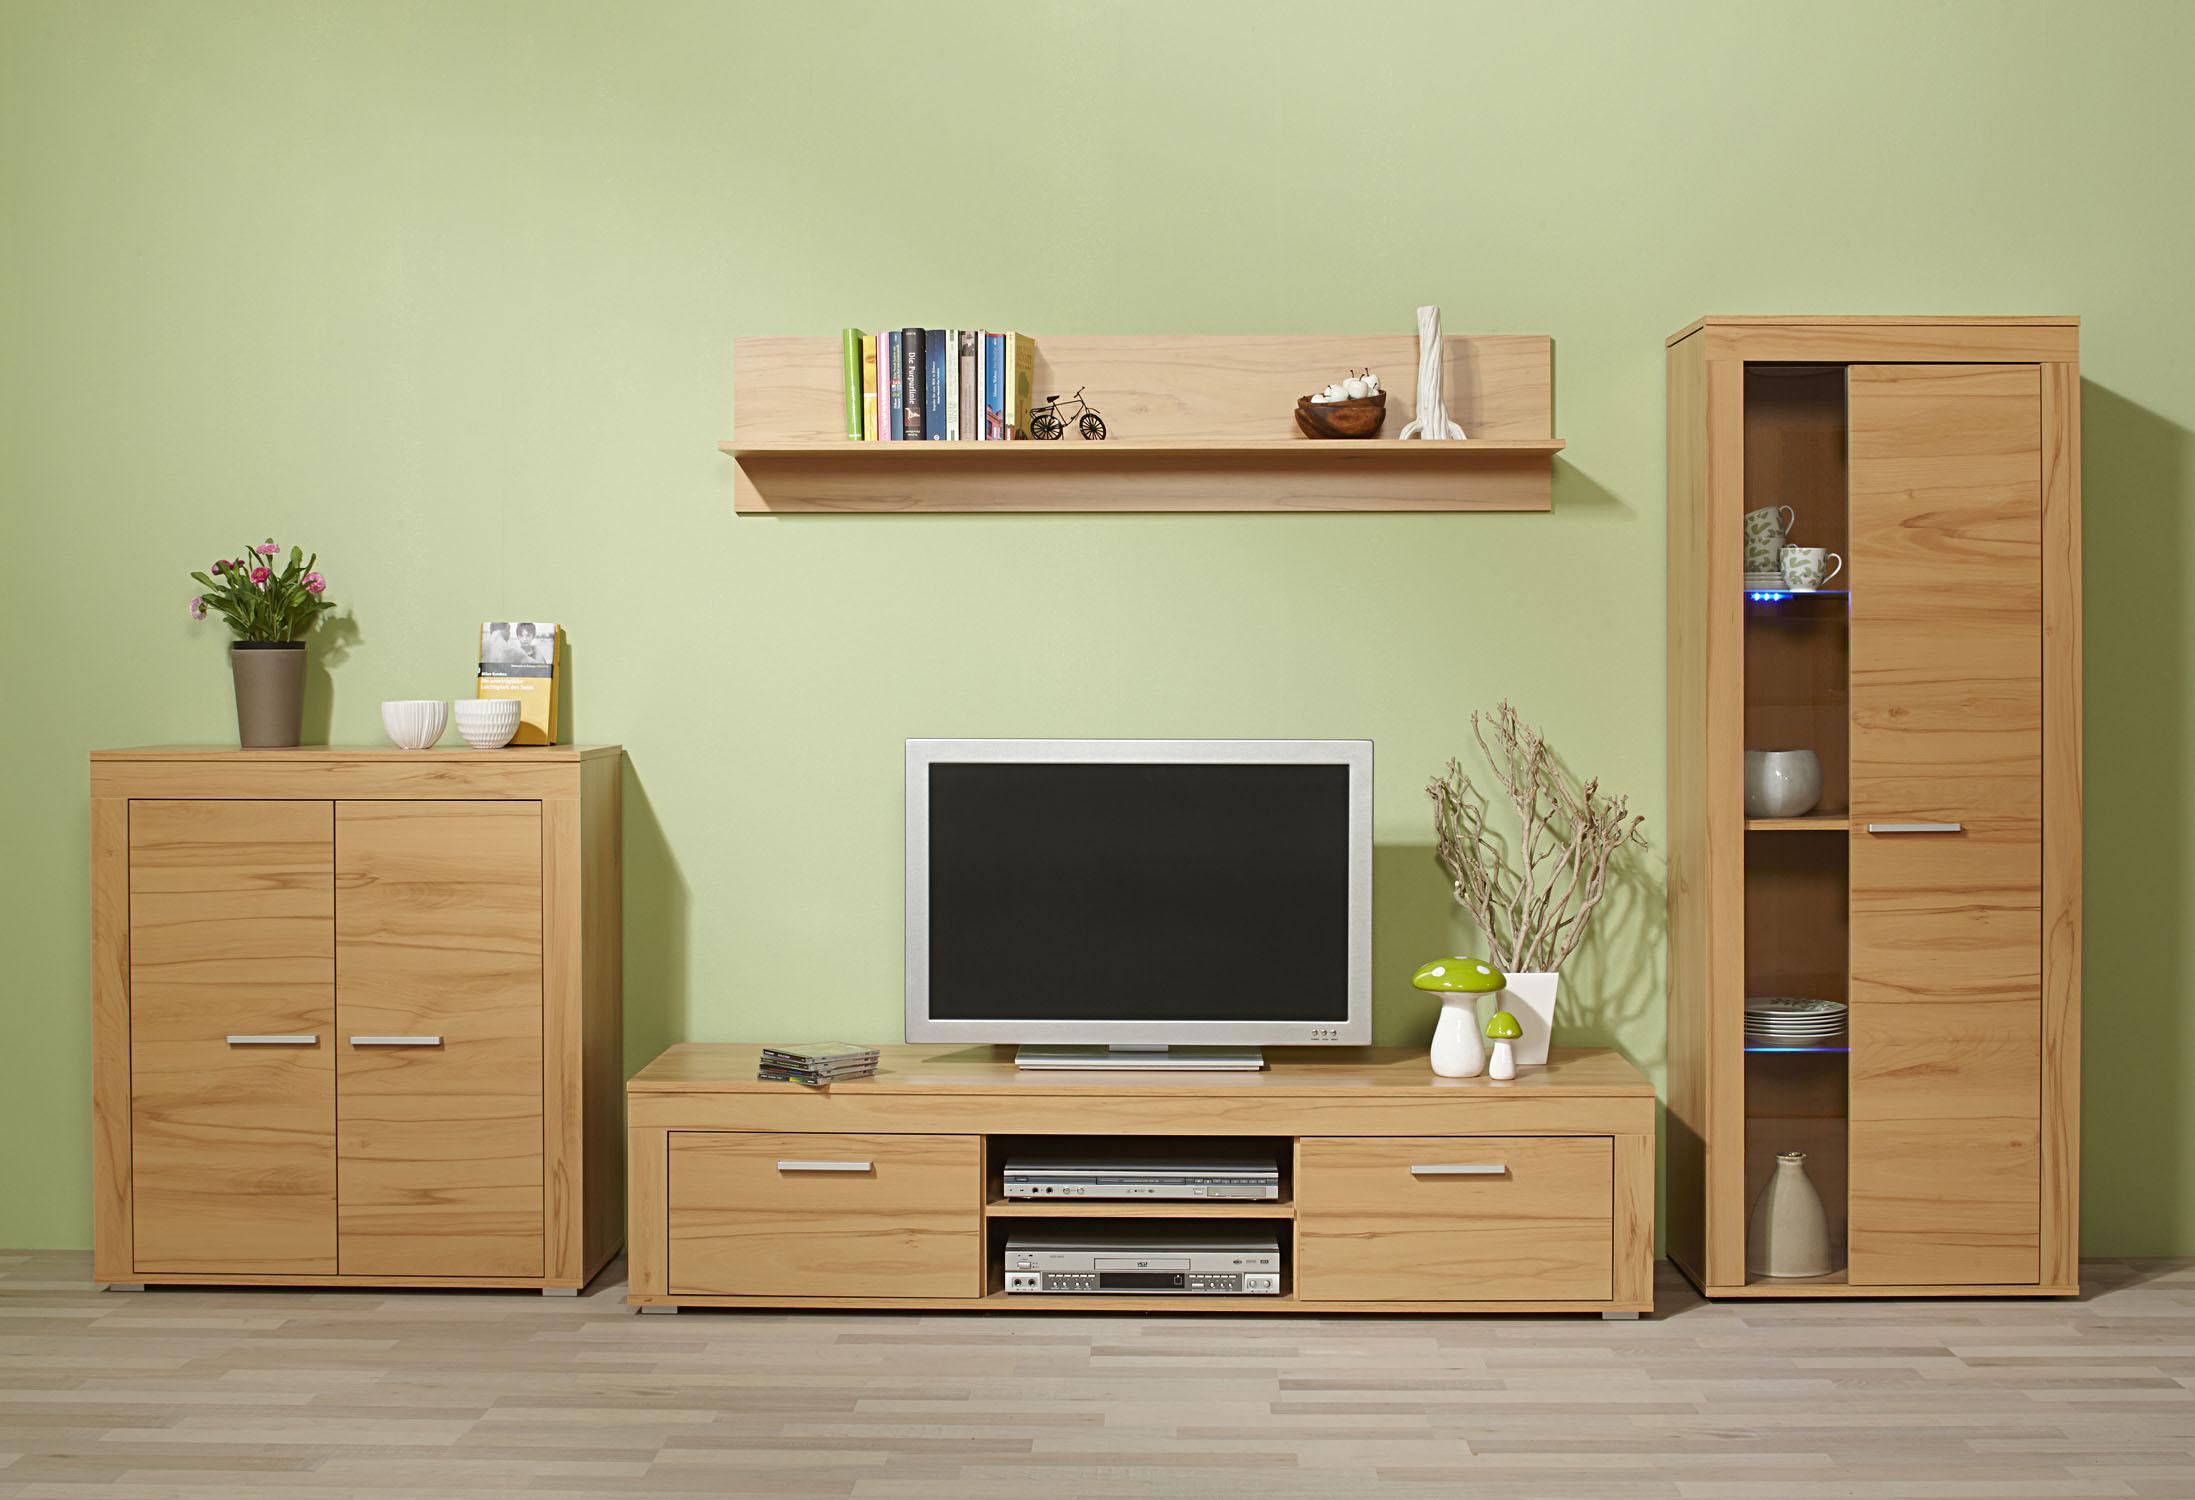 4tlg wohnwand anbauwand wohnzimmerset kernbuche eiche sonoma tr ffel nussbaum ebay. Black Bedroom Furniture Sets. Home Design Ideas